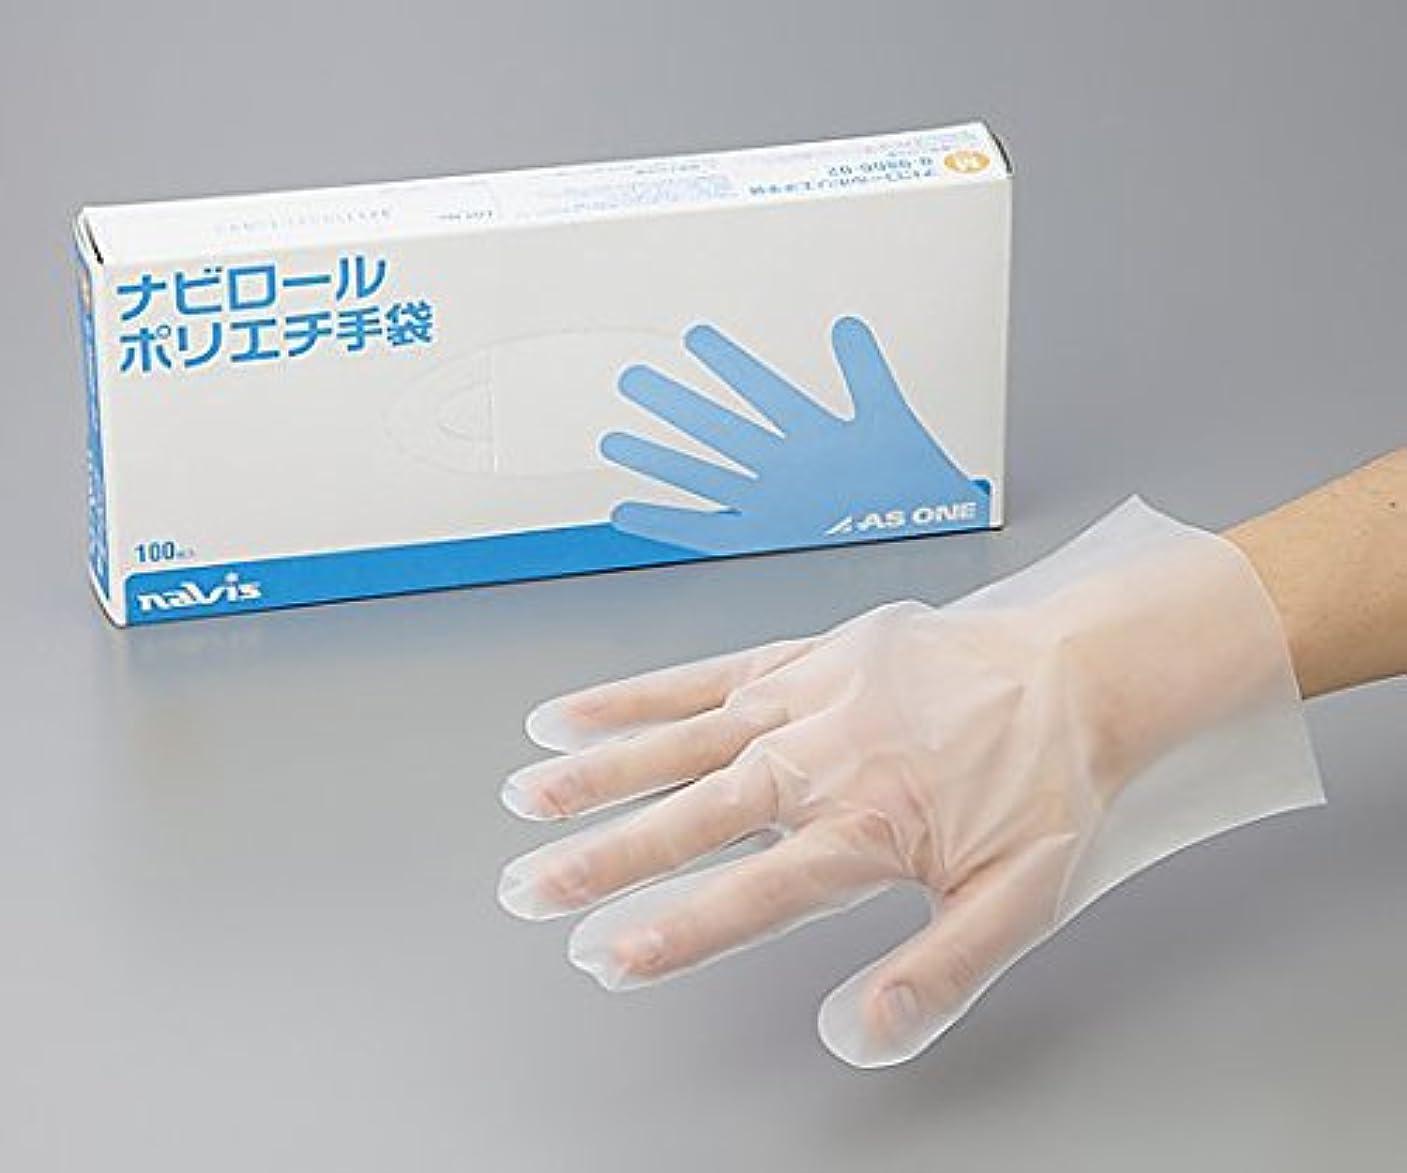 ナビス(アズワン)0-9866-03ナビロールポリエチ手袋S100入